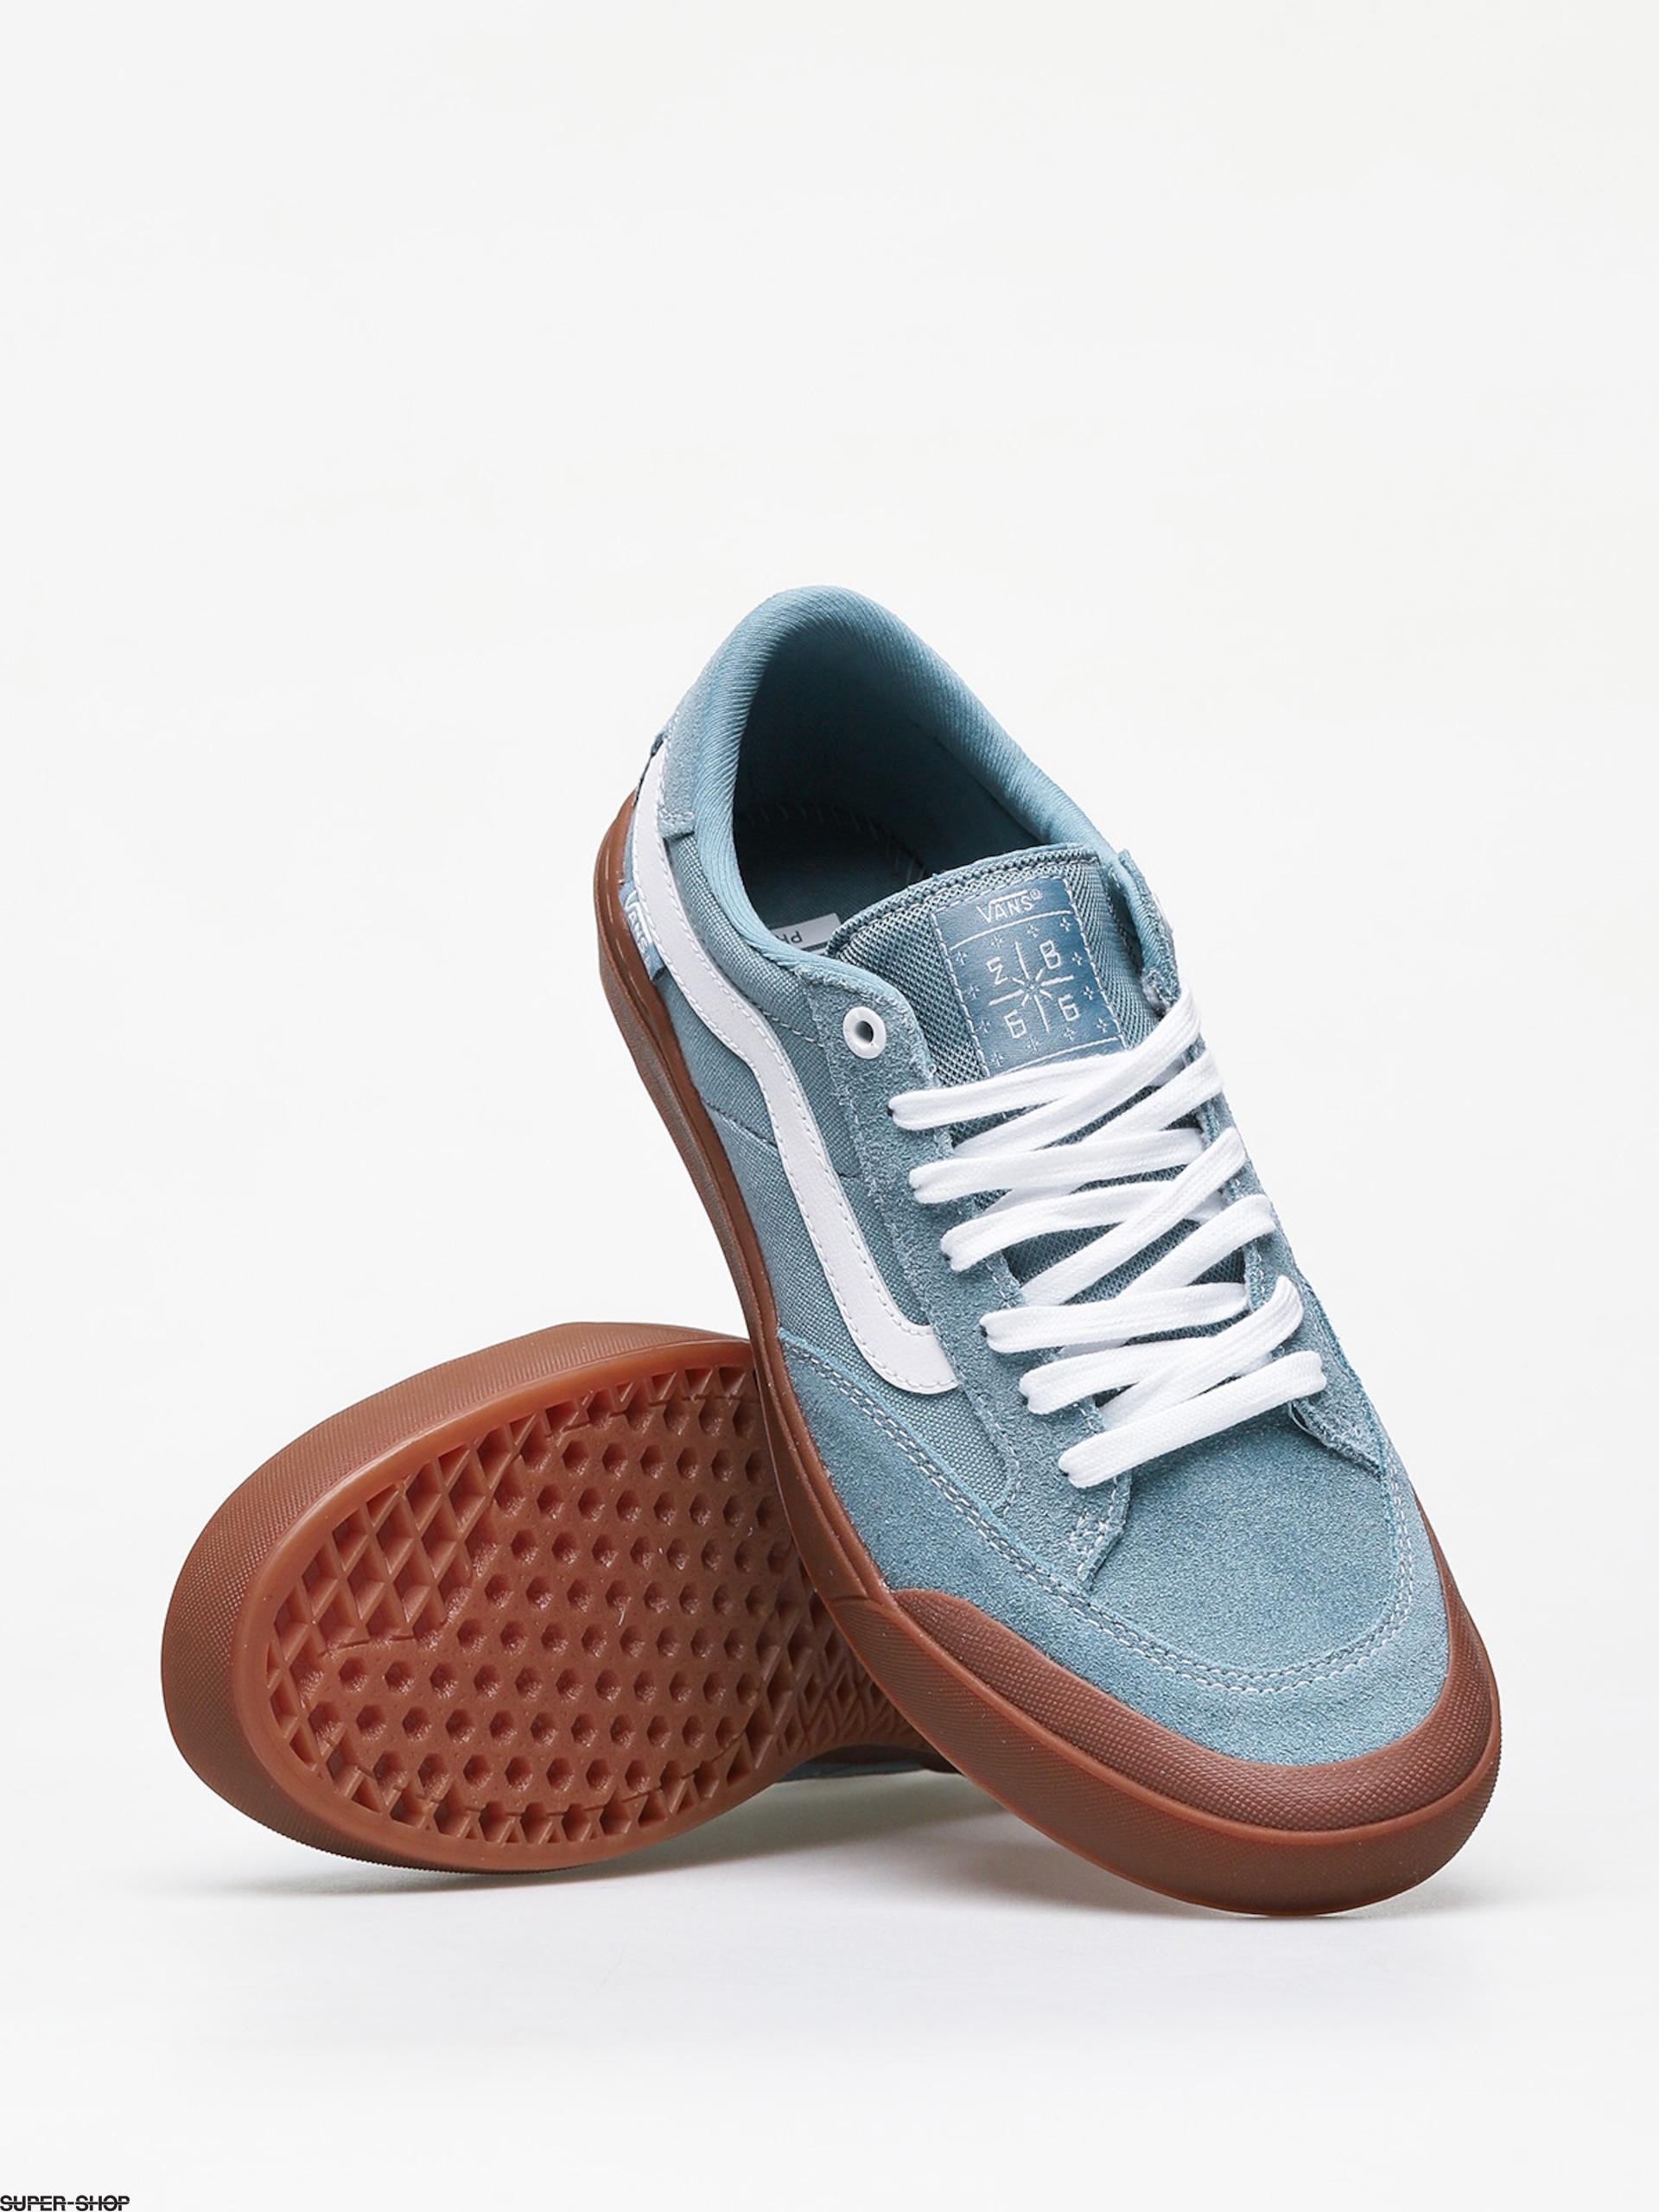 Vans Berle Pro Shoes (gum/smoke blue)